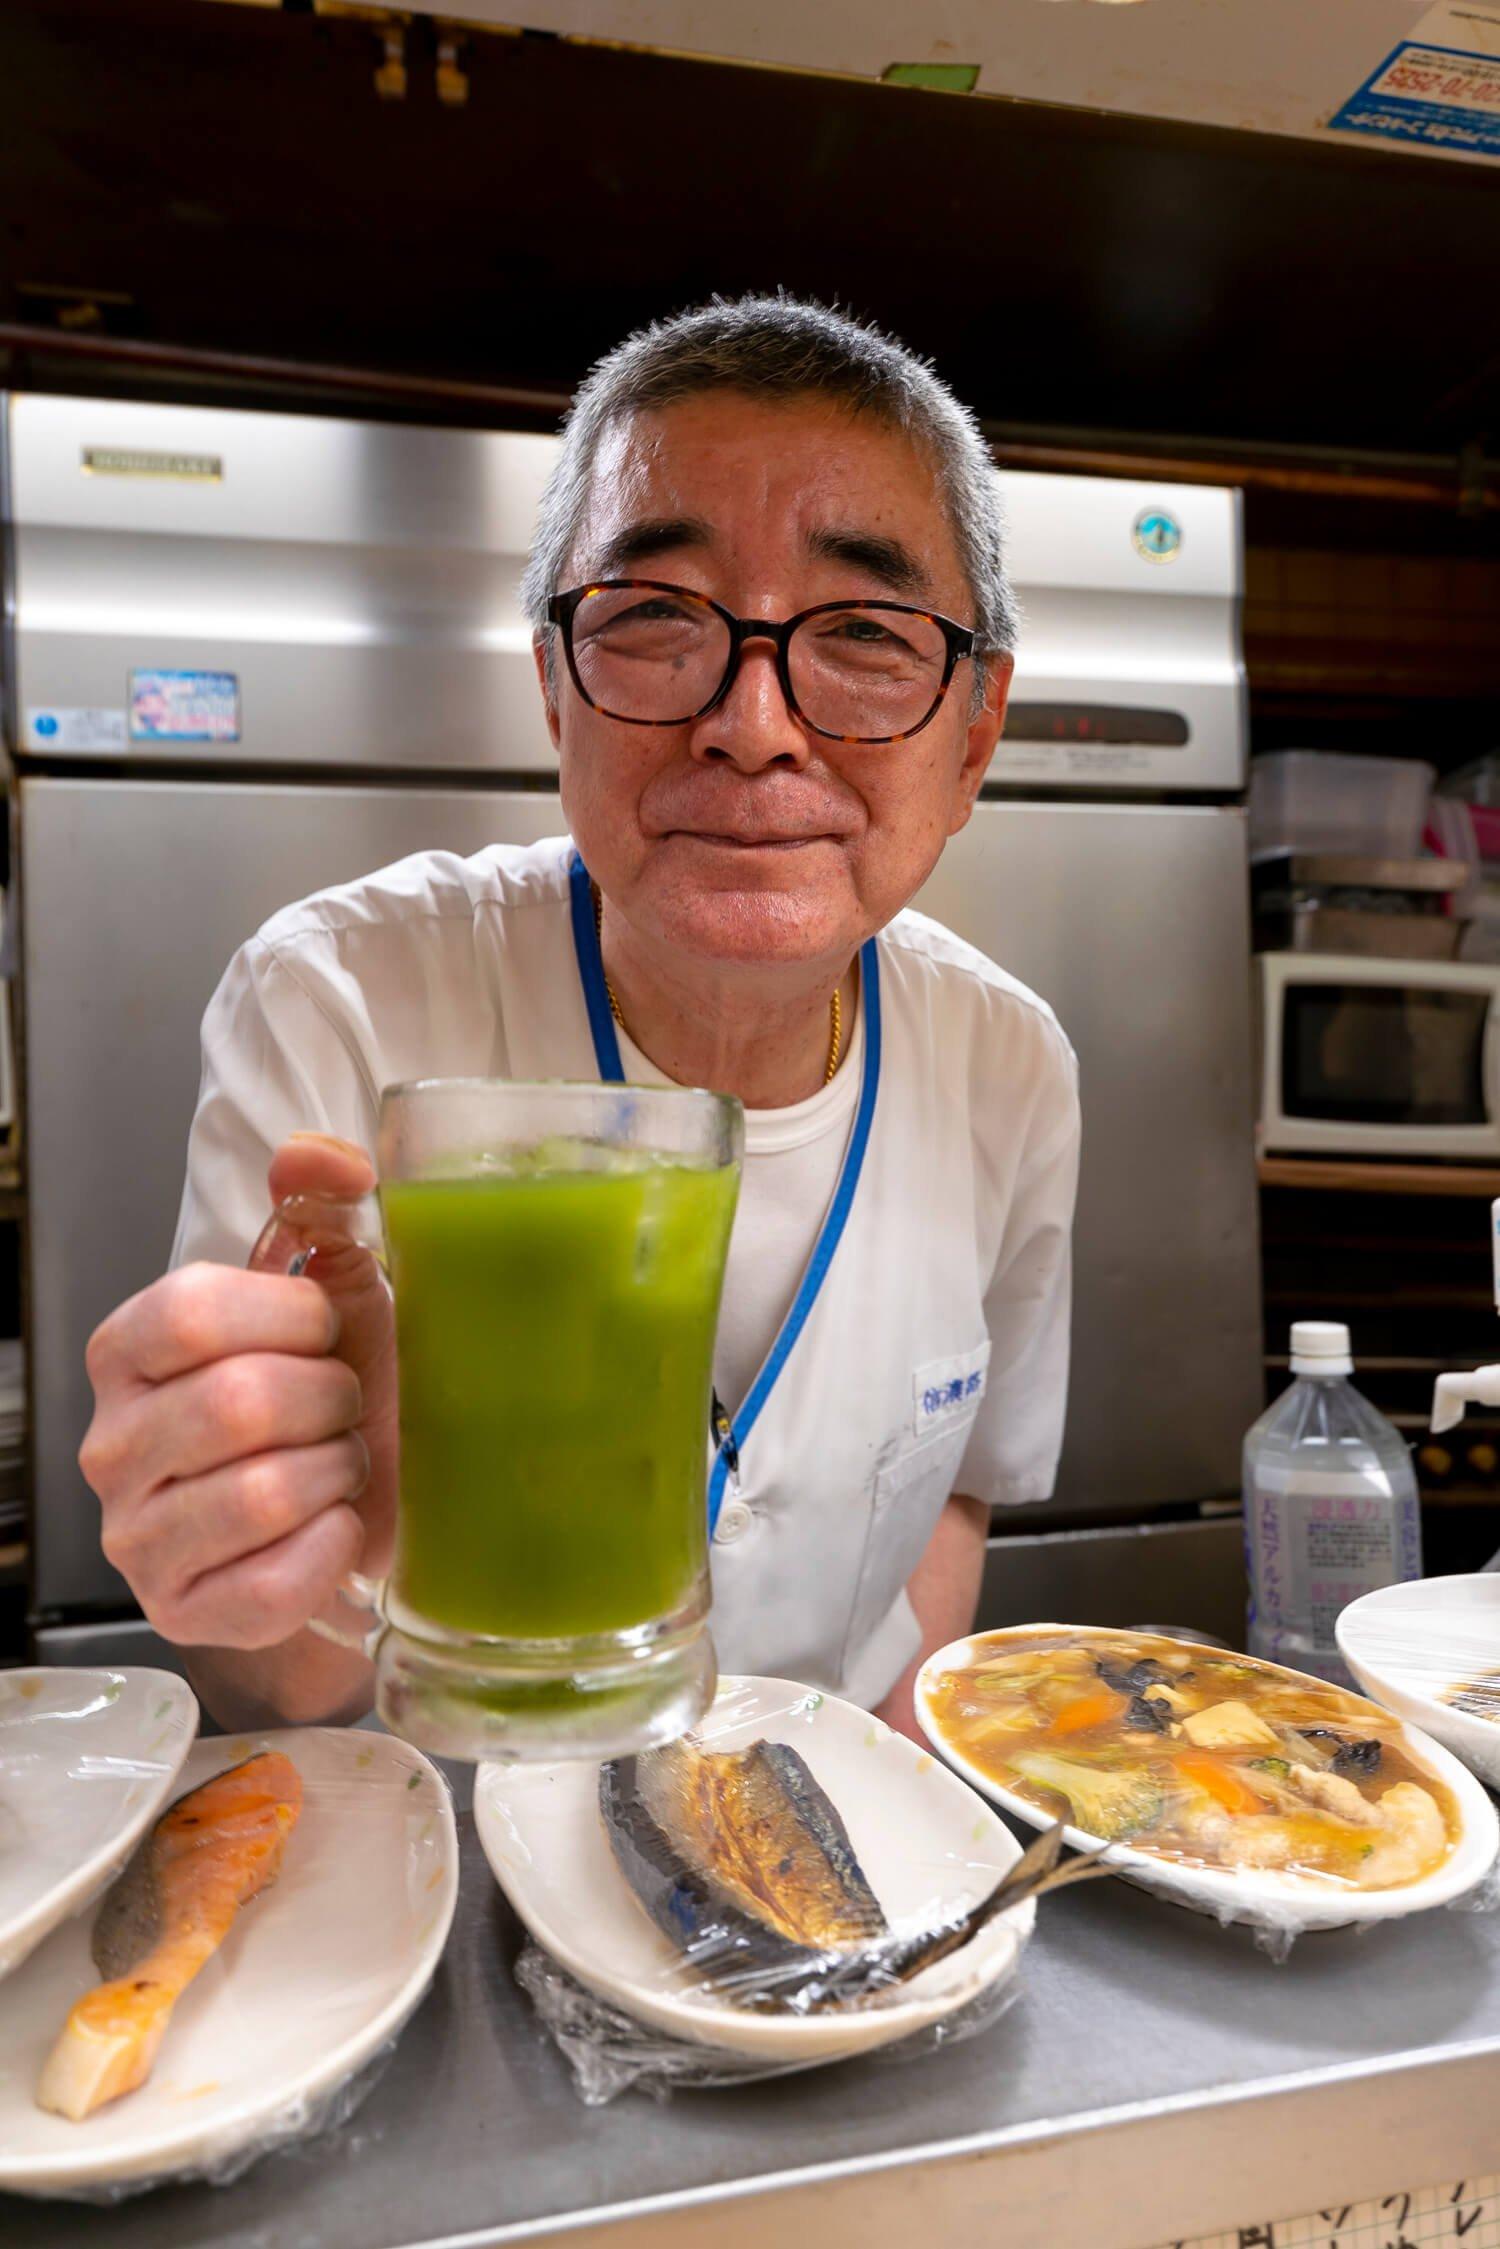 青汁サワー350円。聞き上手の関さんは信濃路歴40年以上。